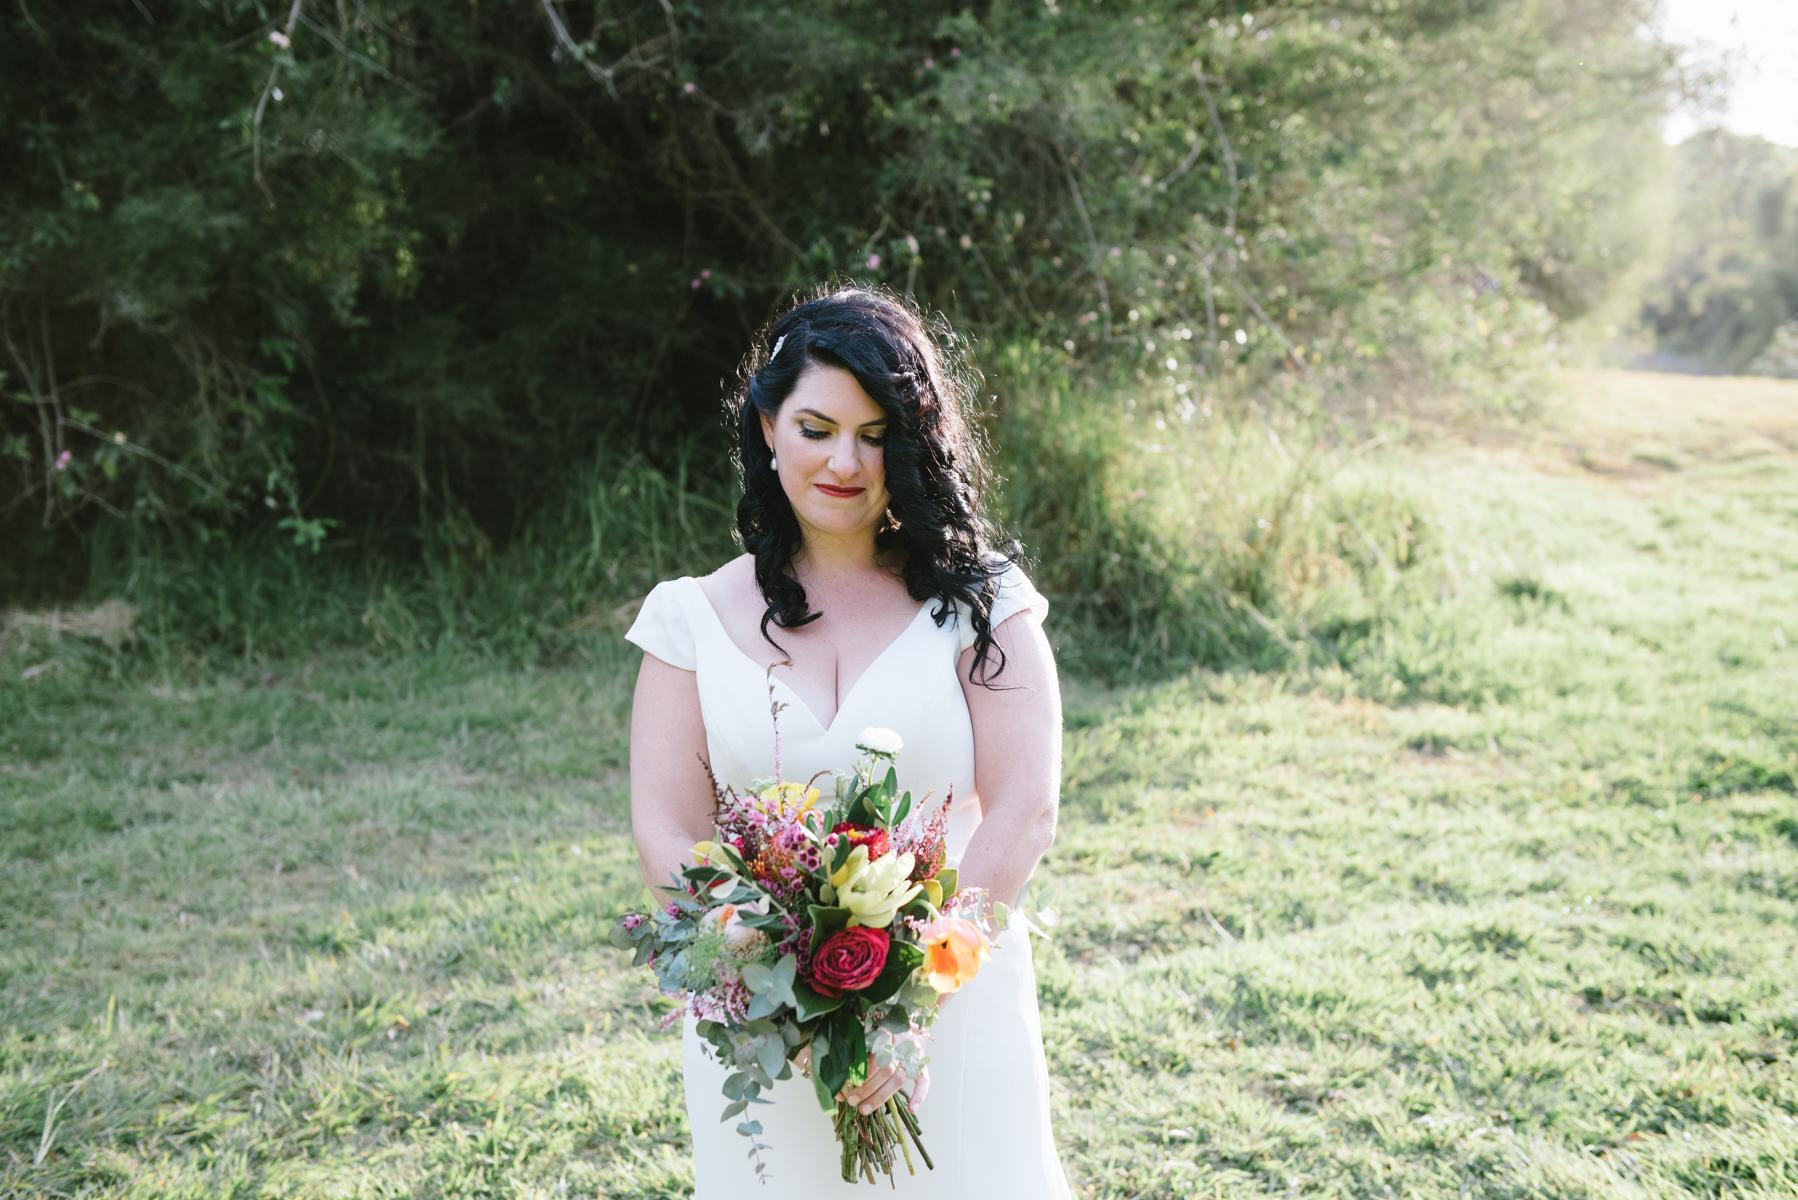 sarahandBenwedding- skyla sage photography weddings, families, byron bay,tweed coast,kingscliff,cabarita,gold coast-734.jpg